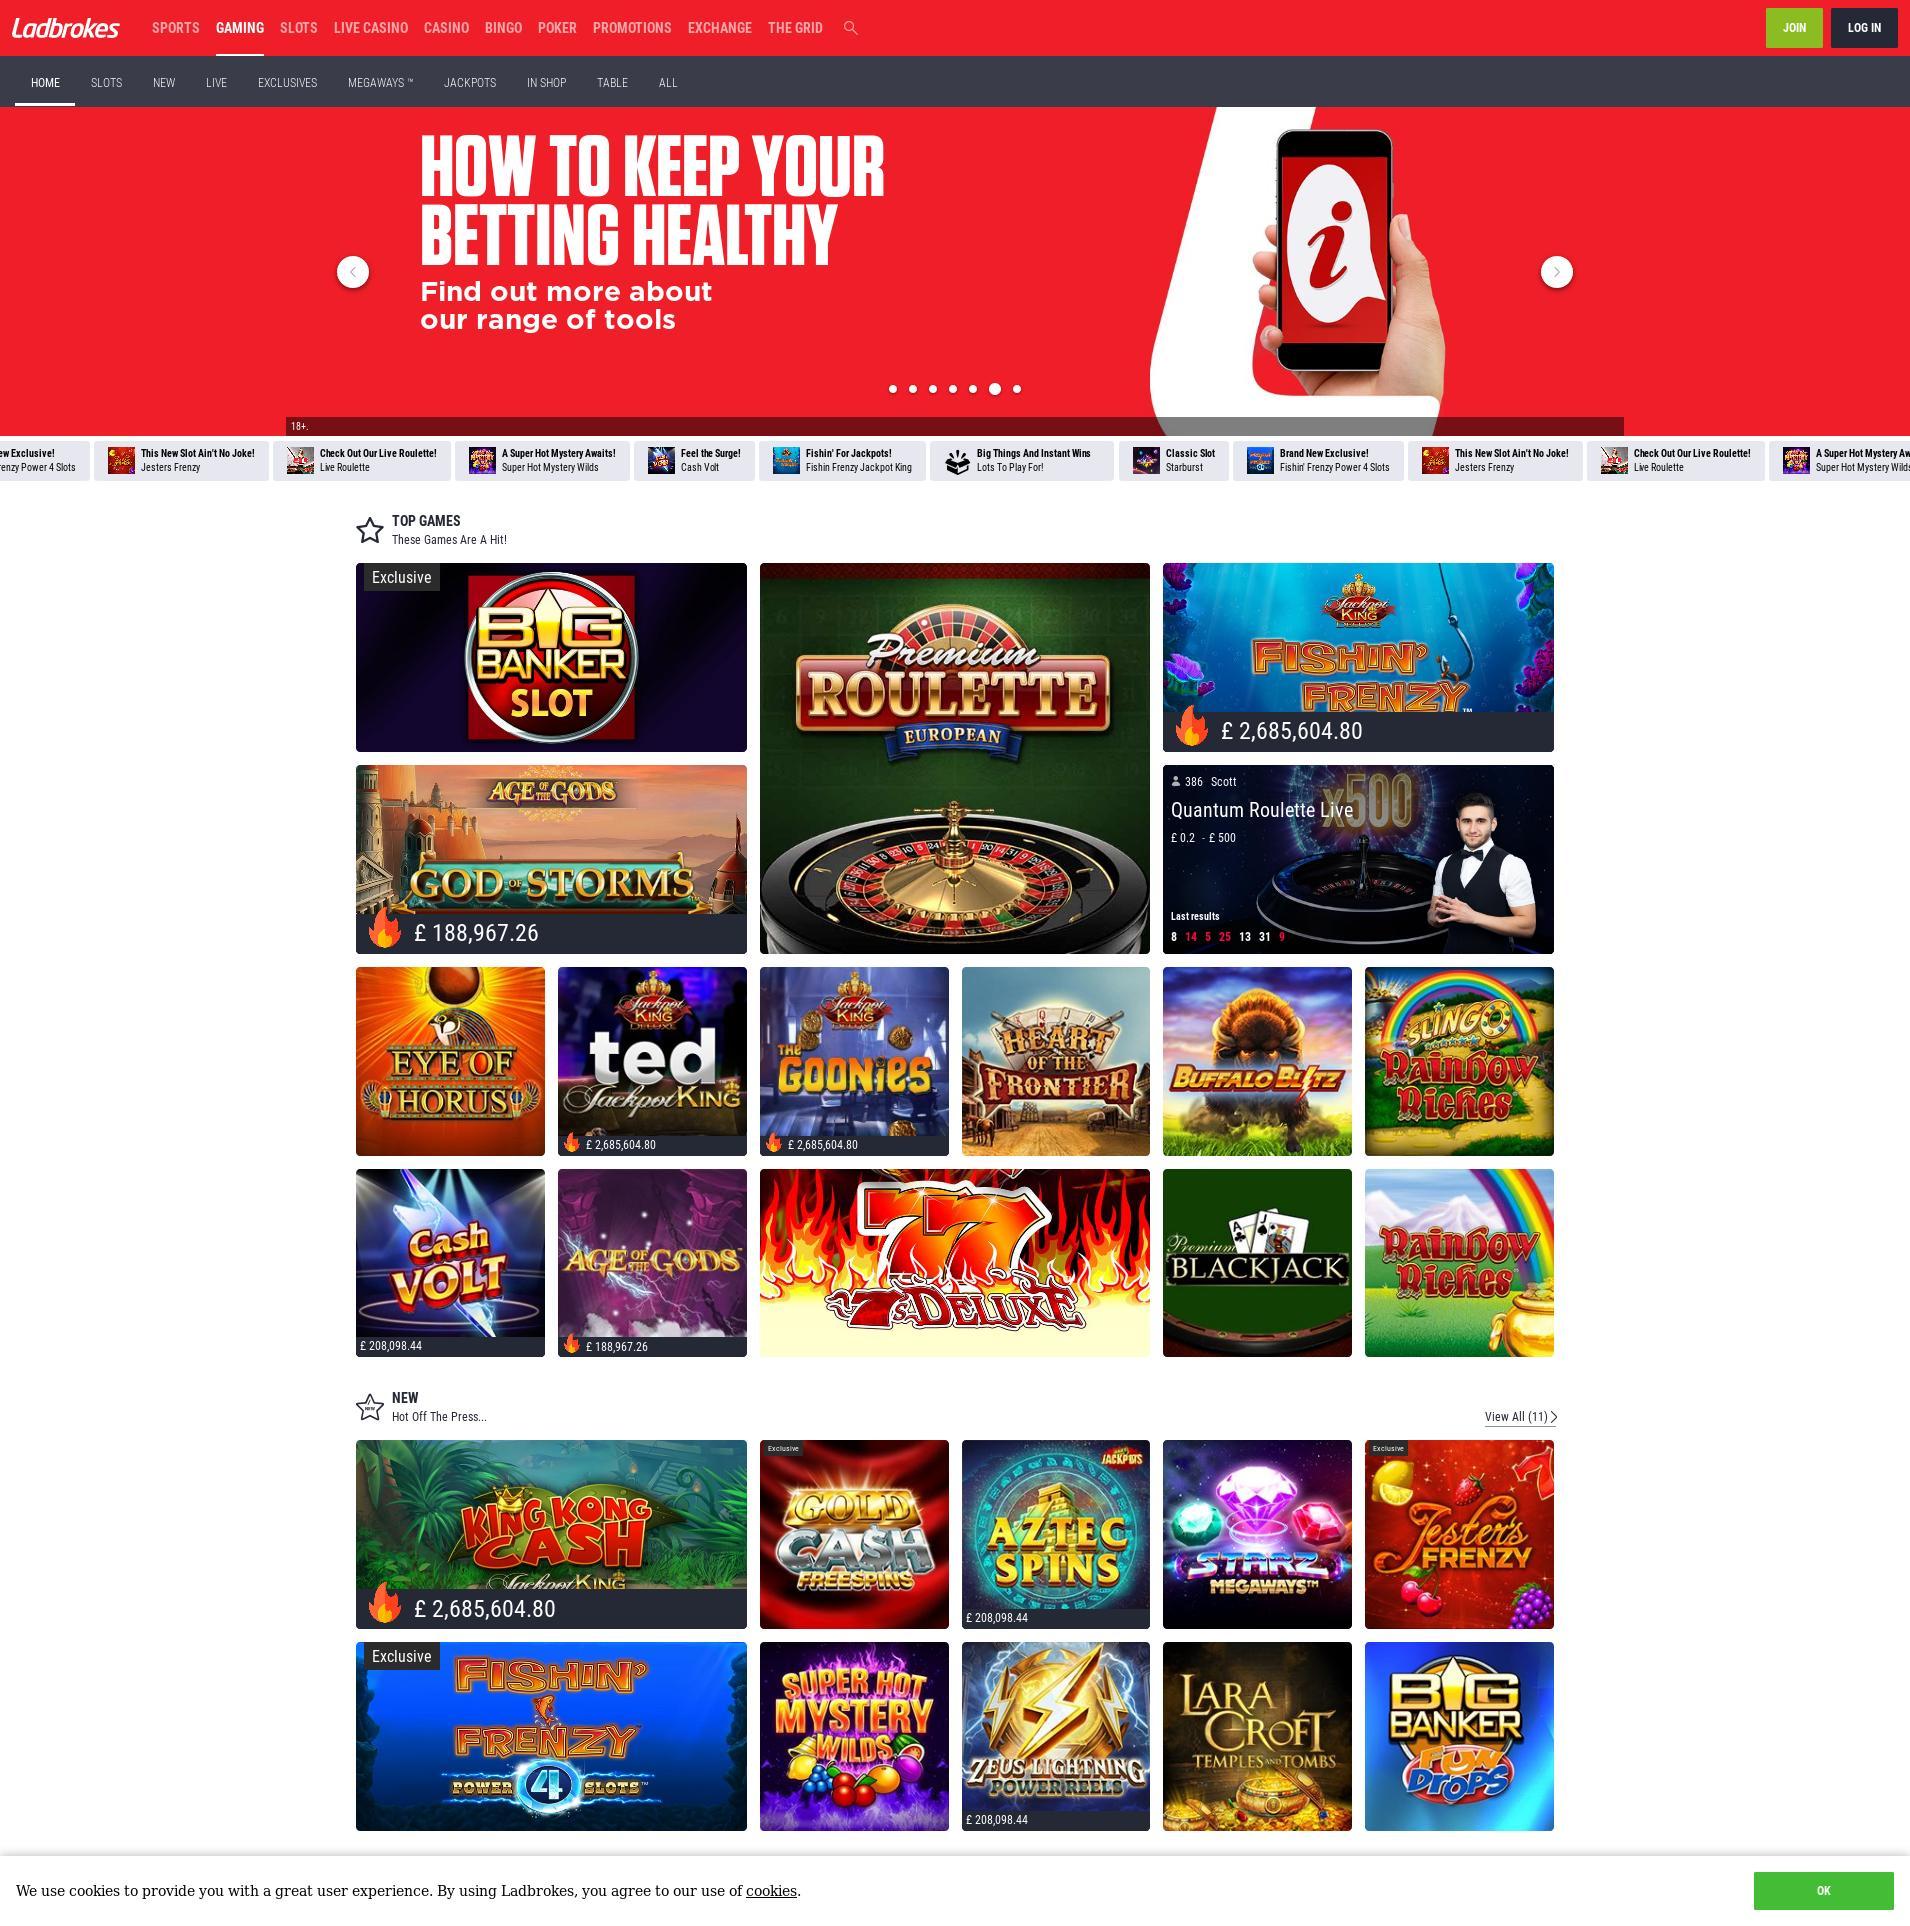 カジノのスクリーン Lobby 2020-06-05 ために イギリス